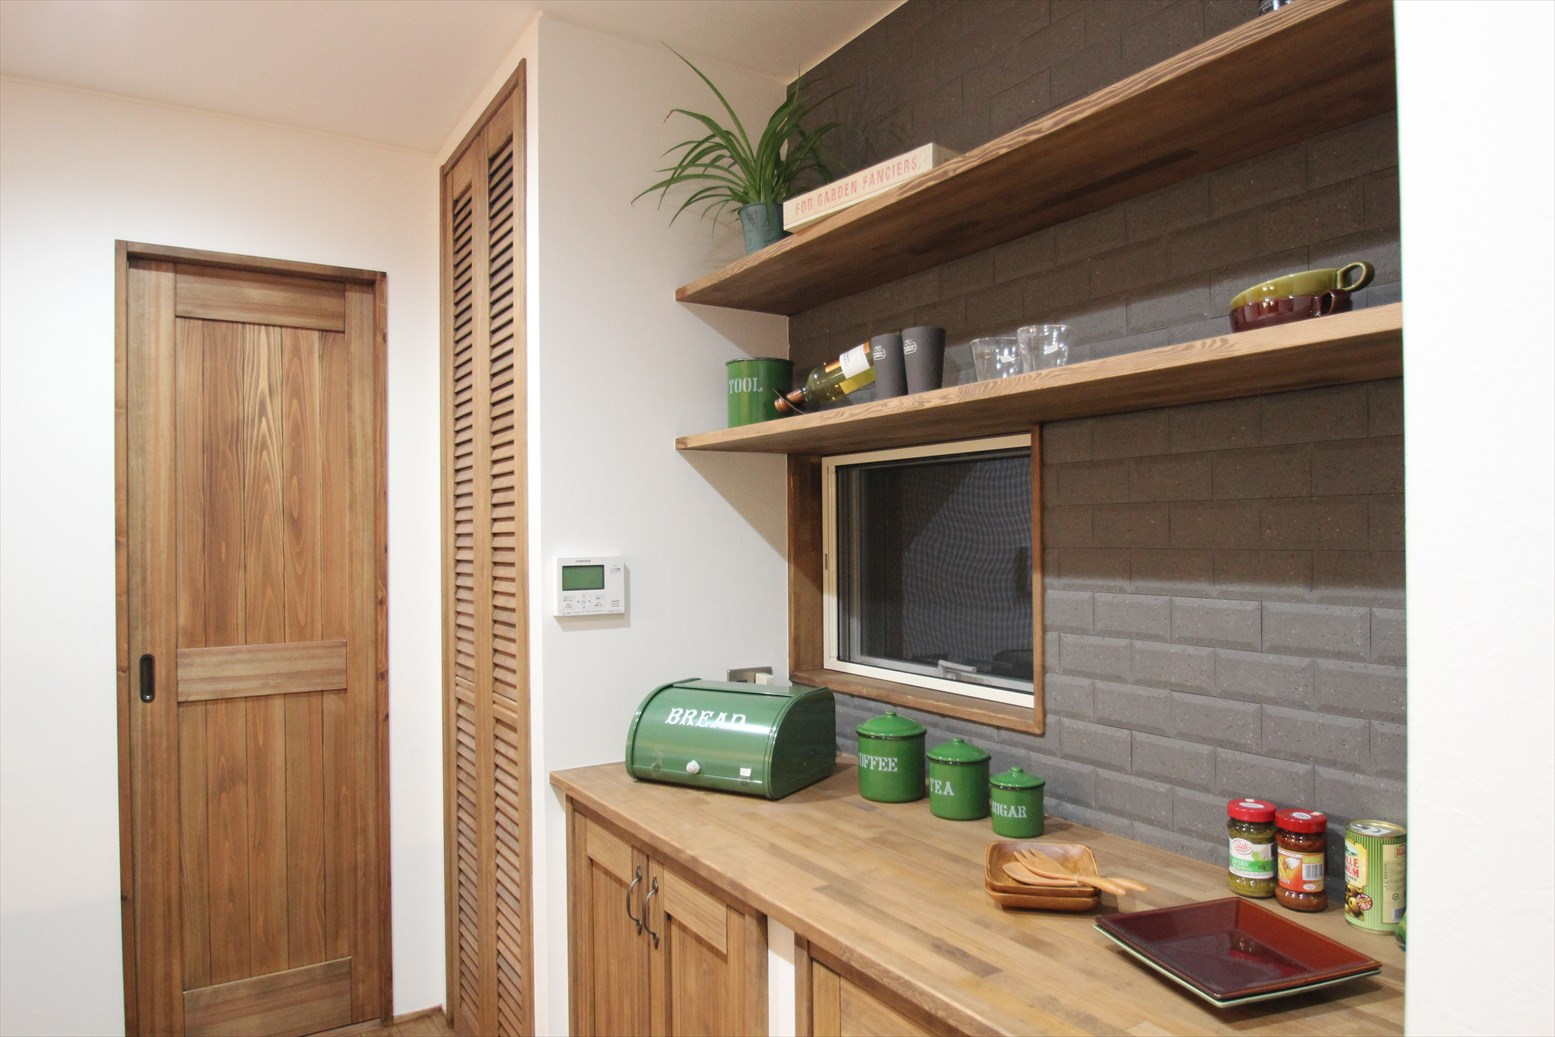 趣味を楽しむヴィンテージスタイルの家|石川県金沢市の注文住宅・デザイン性・新築の家・戸建て|E-HOUSE